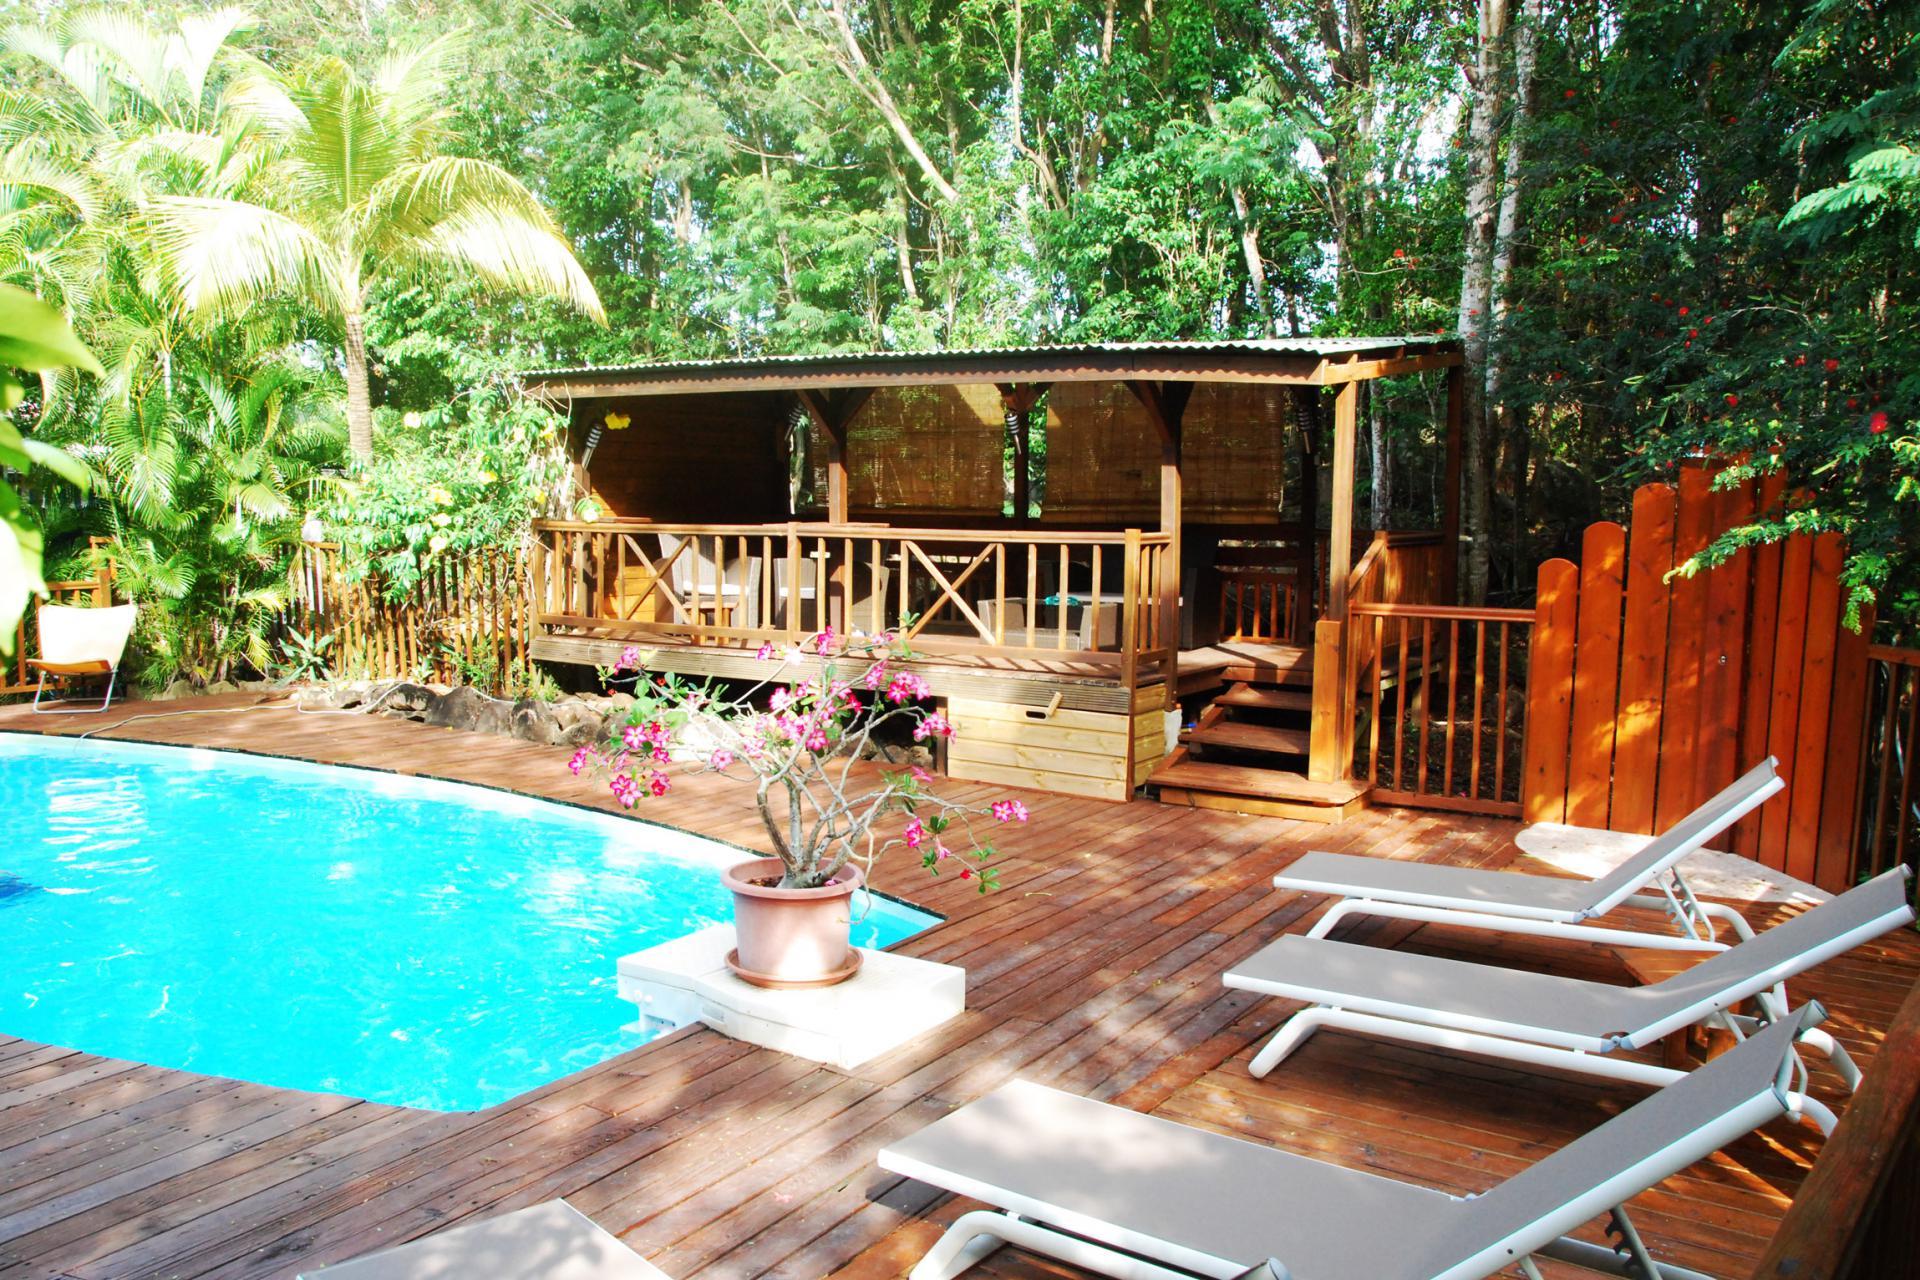 Séjour En Guadeloupe Au Jardin Des Colibris intérieur Au Jardin Des Colibris